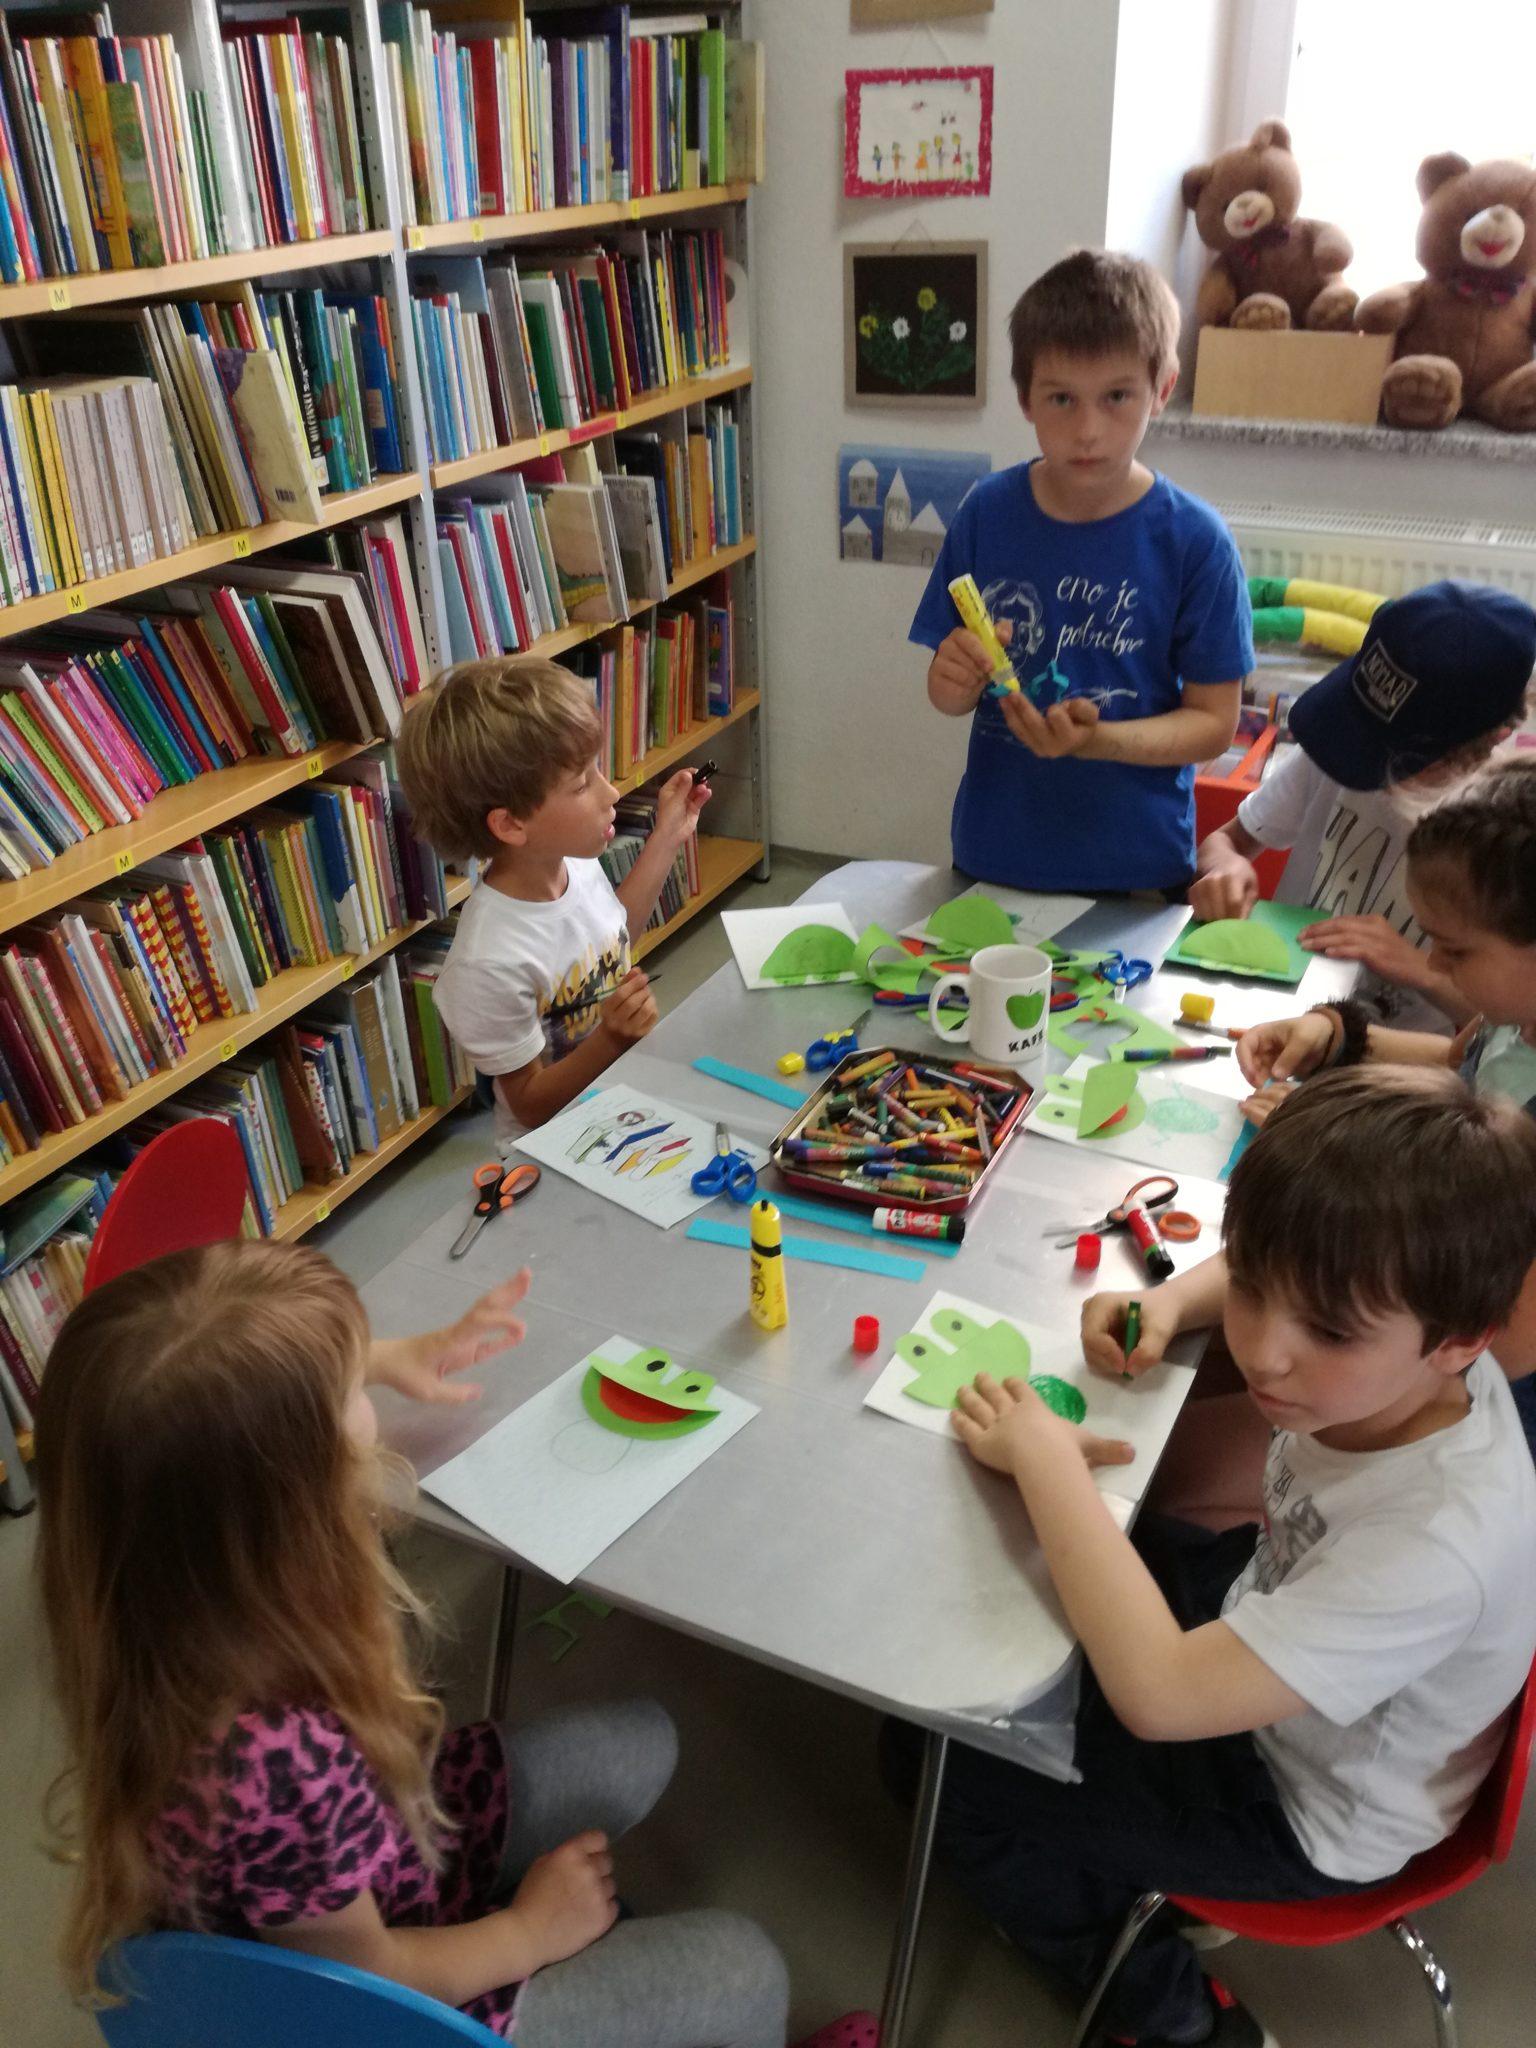 IMG 20190605 175416 - Pravljična ura in ustvarjalna delavnica za otroke od 4. leta dalje – Cerknica